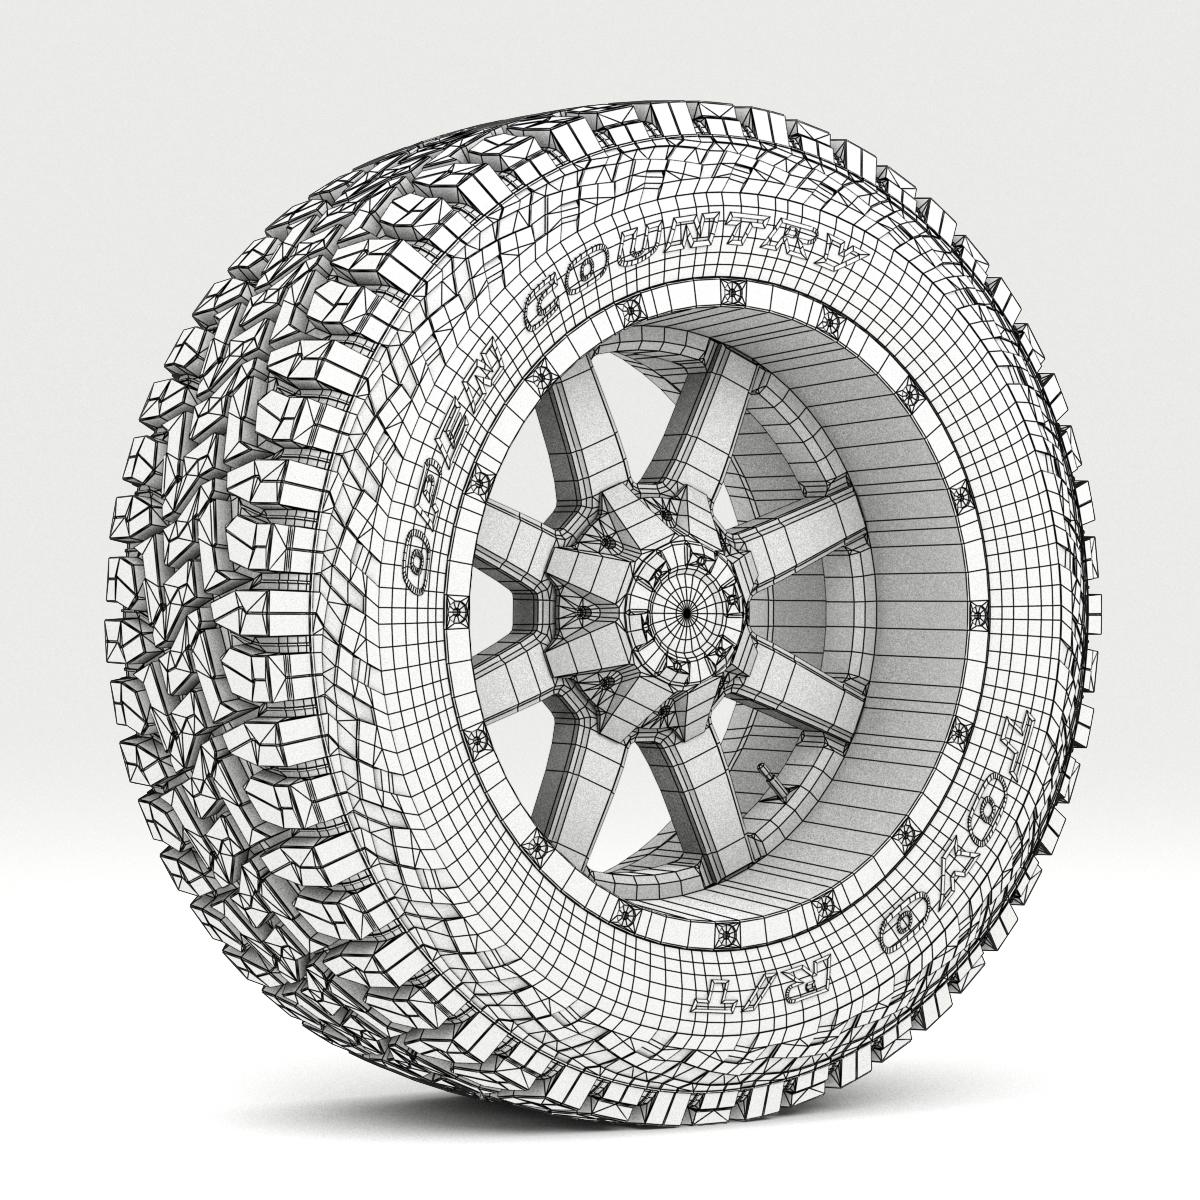 off road wheel and tire 7 3d model 3ds max fbx tga targa icb vda vst pix obj 282491